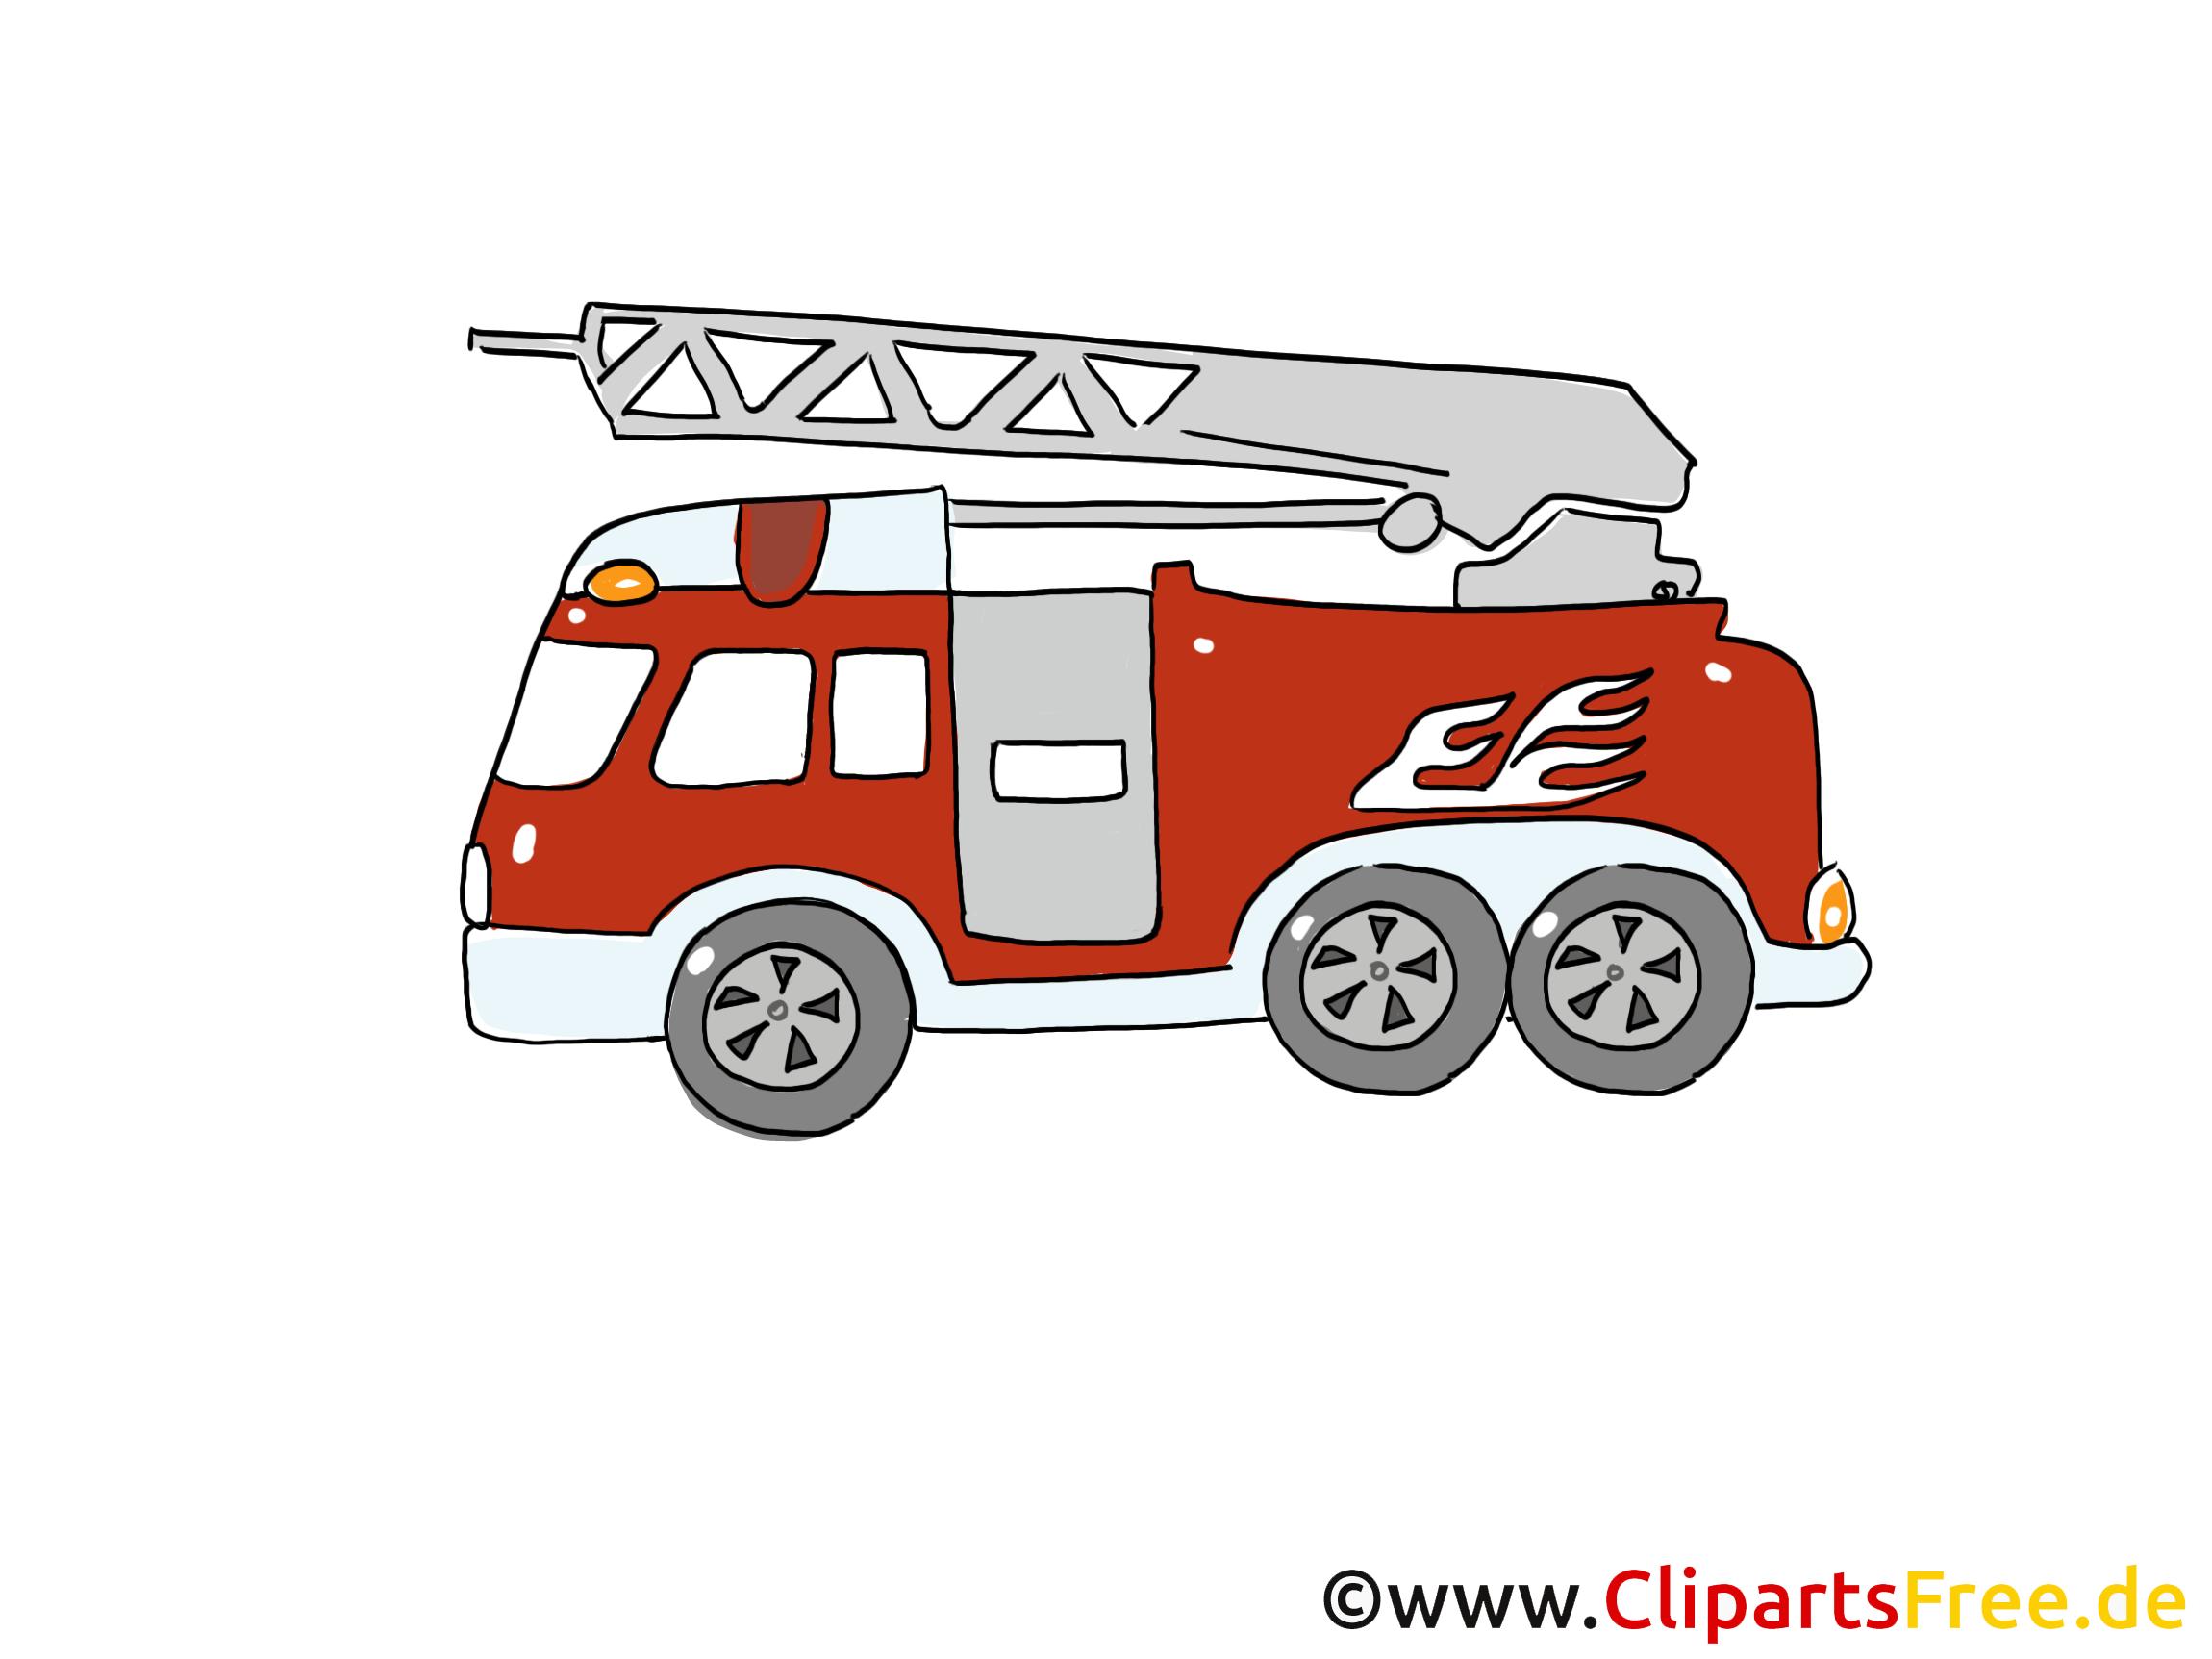 Feuerwehrauto Einsatzfahrzeug Bild, Cartoon, Clipart